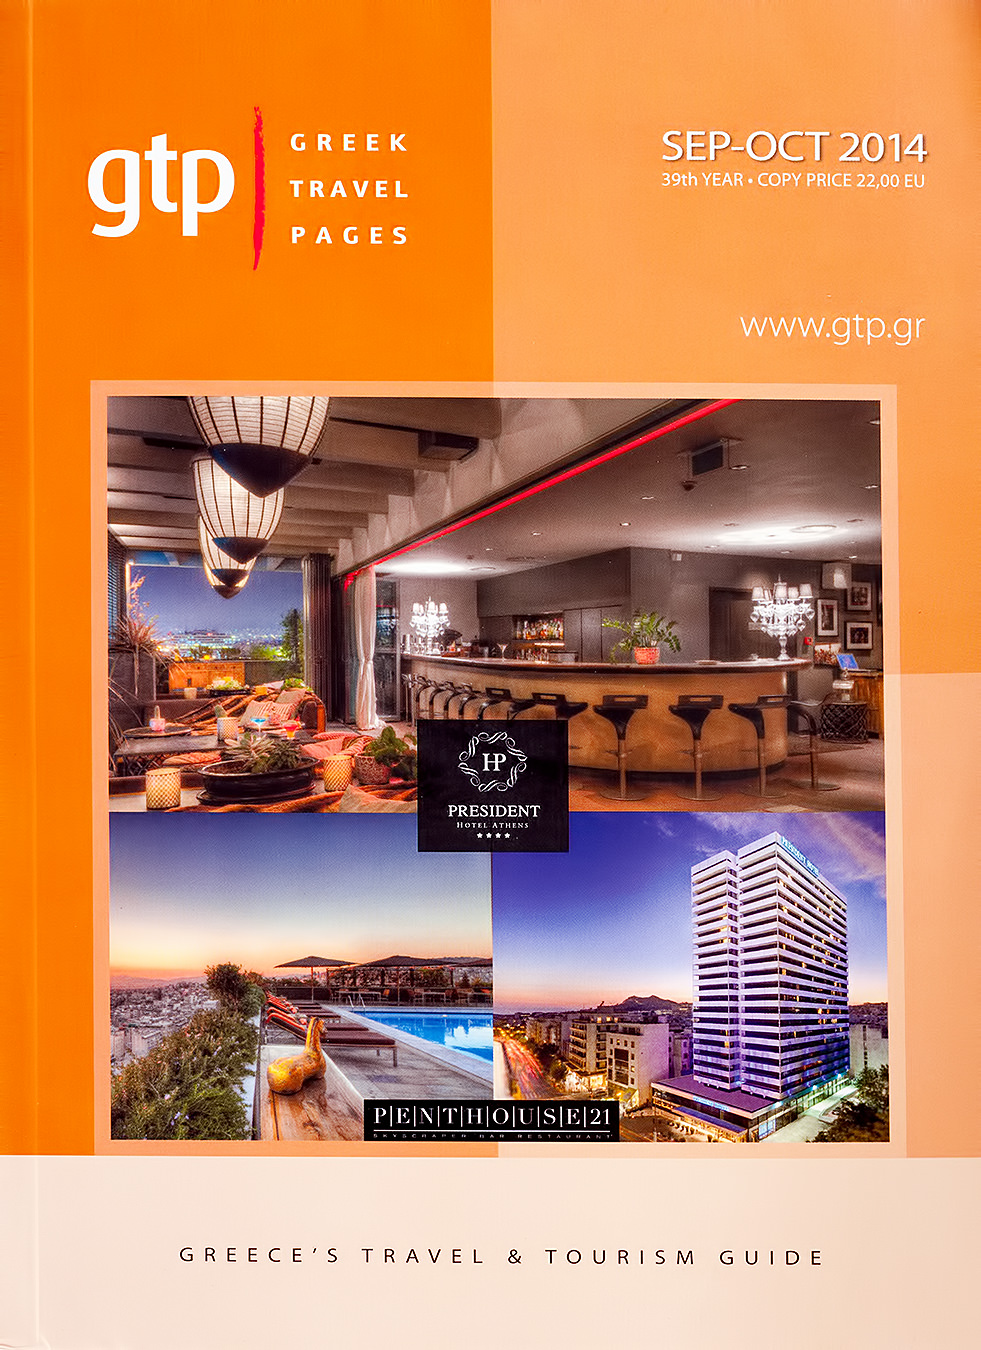 GTP GUIDE COVER 2, Γιώργος Φάκαρος - Αρχιτεκτονική Φωτογραφία | Εσωτερικοί Χώροι | Φωτογραφία Ξενοδοχειών - Photography / Φωτογραφία